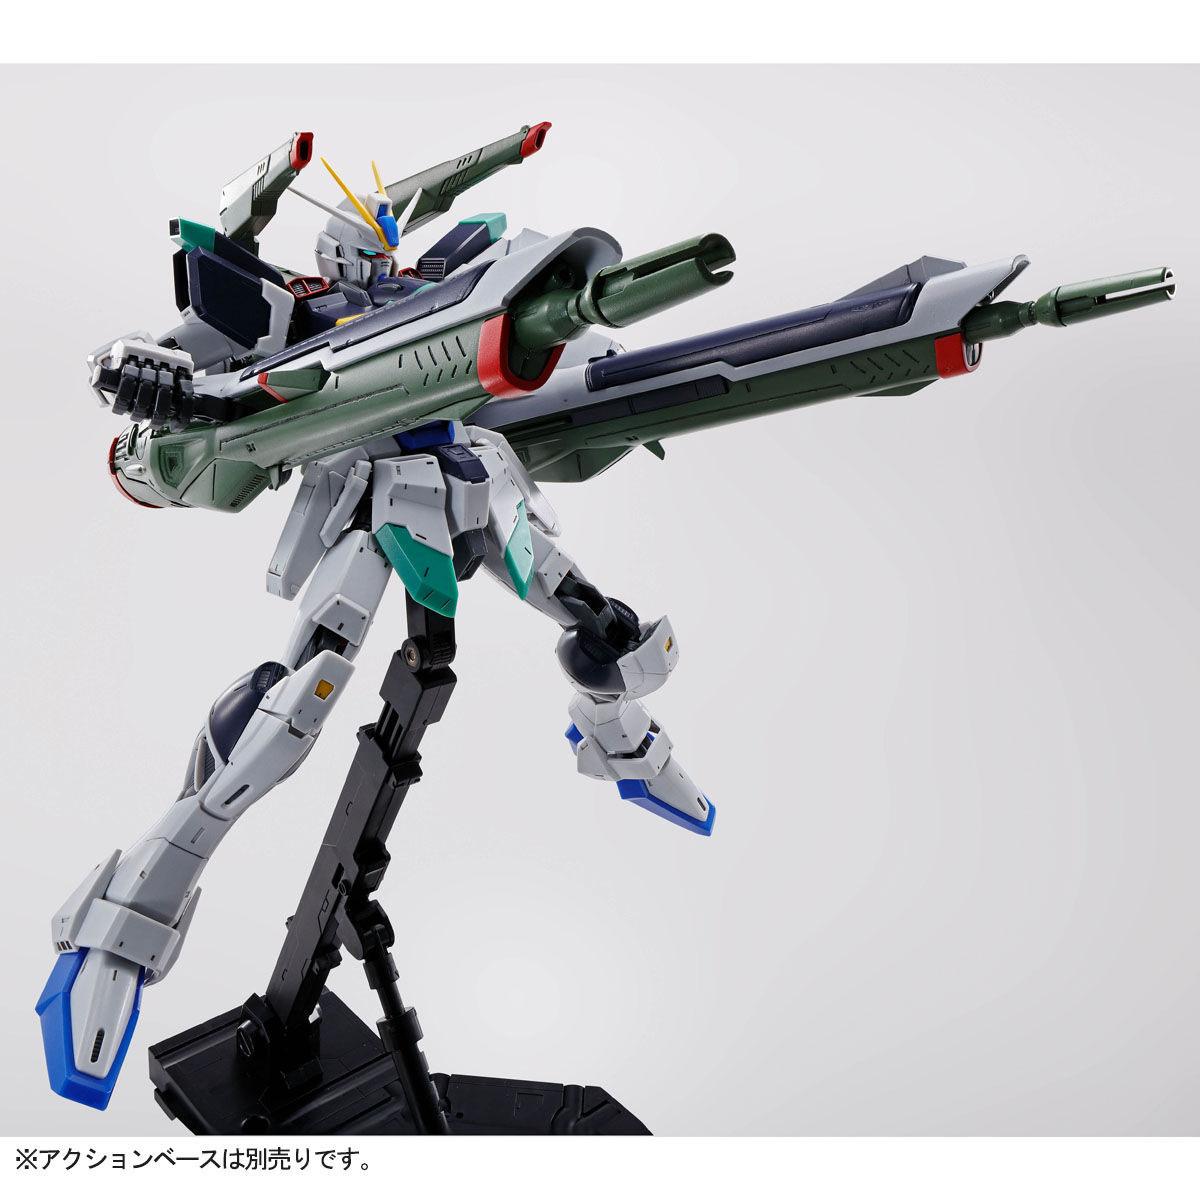 【限定販売】MG 1/100『ブラストインパルスガンダム』プラモデル-006